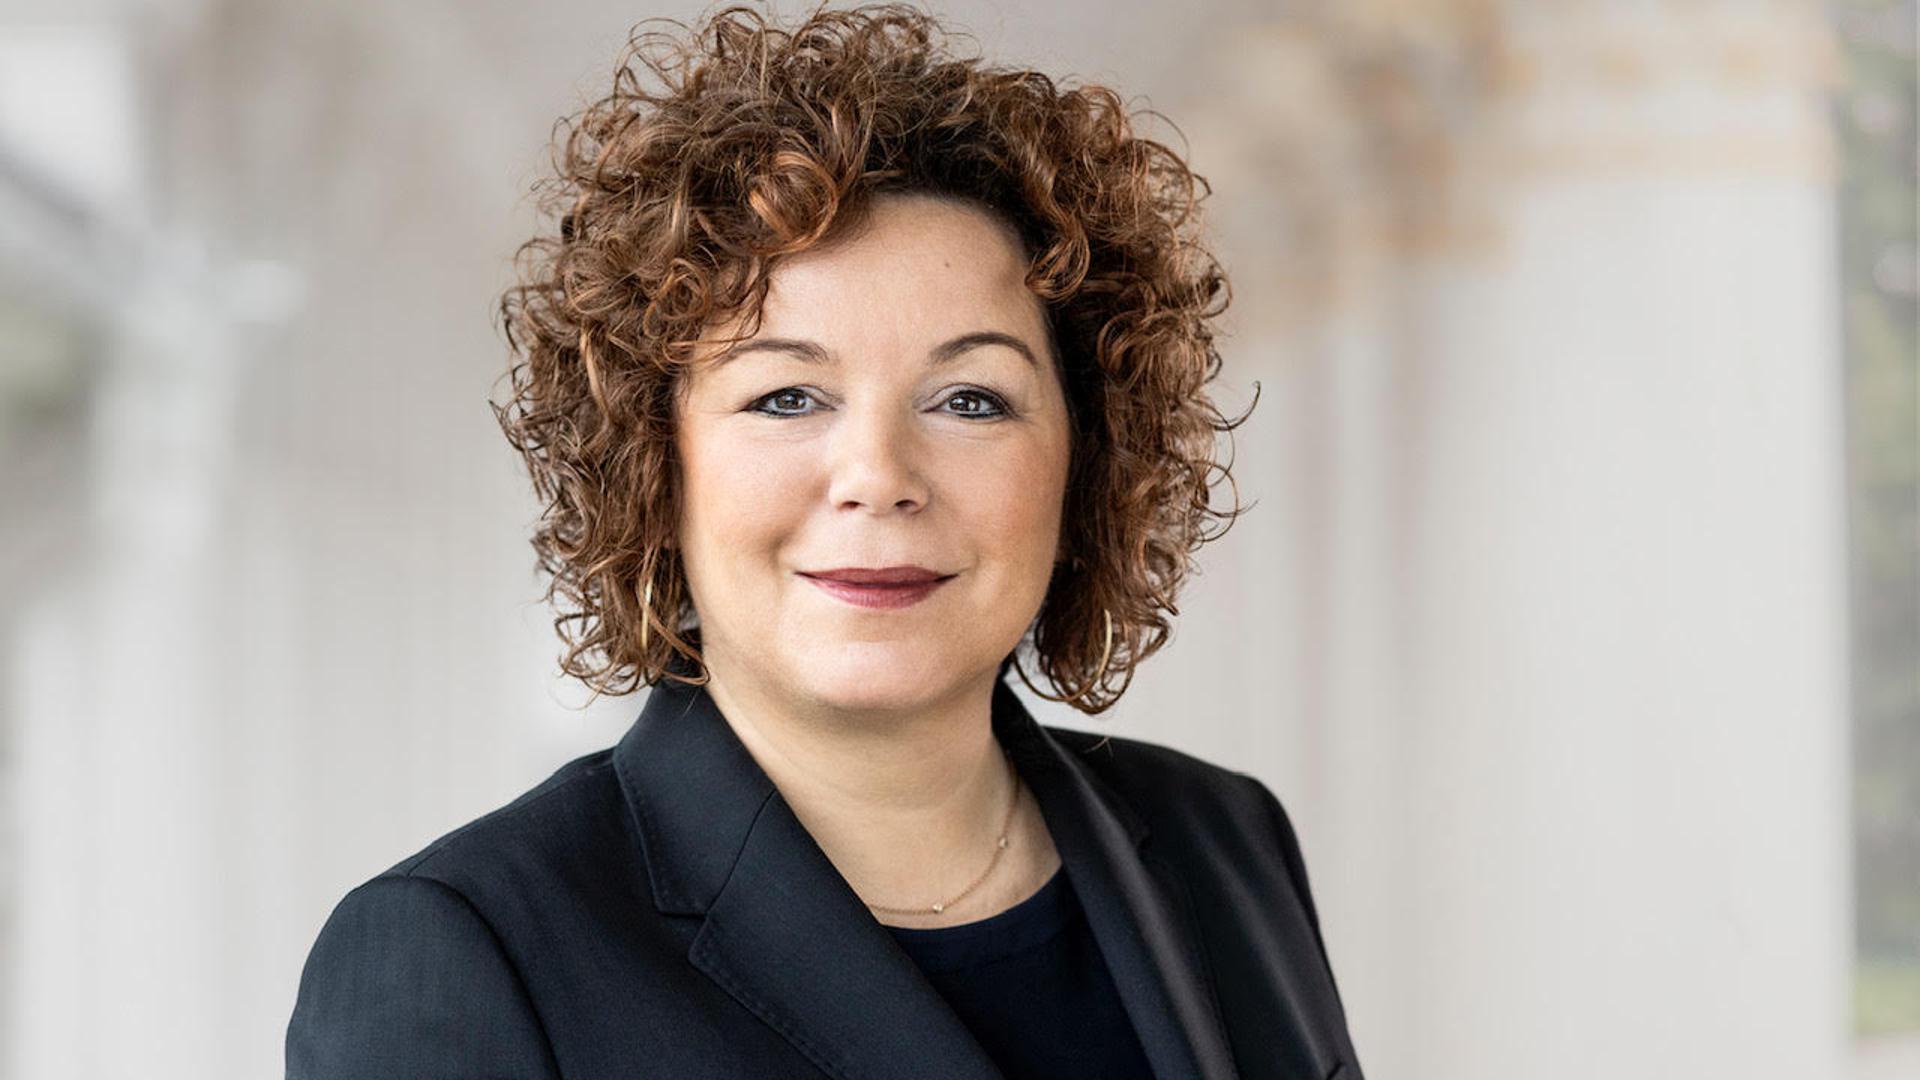 Nora Waggershauser, Geschäftsführerin von Baden-Baden Events, der Baden-Baden Kur & Tourismus GmbH und der Kongresshaus Baden-Baden Betriebsgesellschaft mbH.